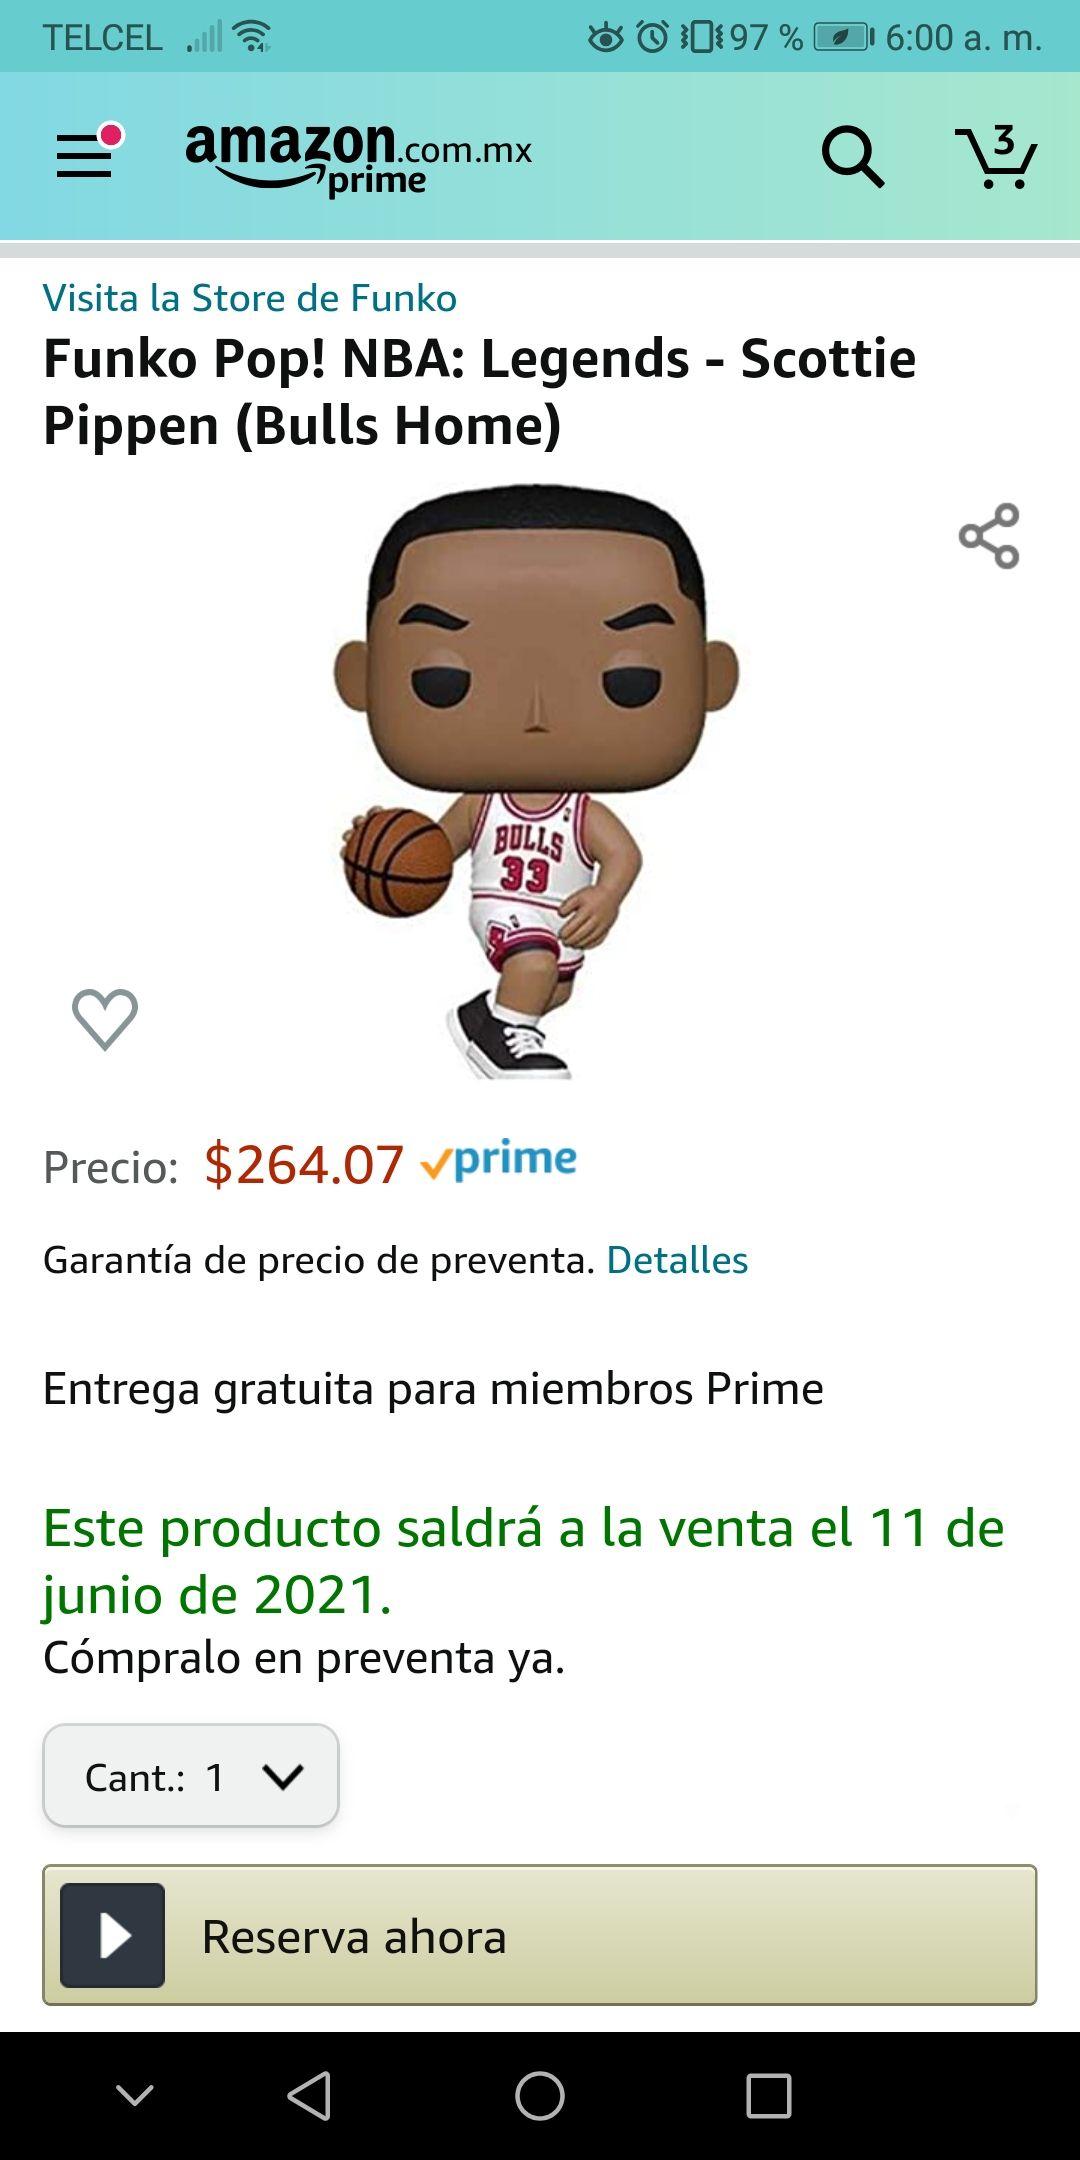 Amazon: PREVENTA: Funko Pop! NBA: Legends - Scottie Pippen (Bulls Home)